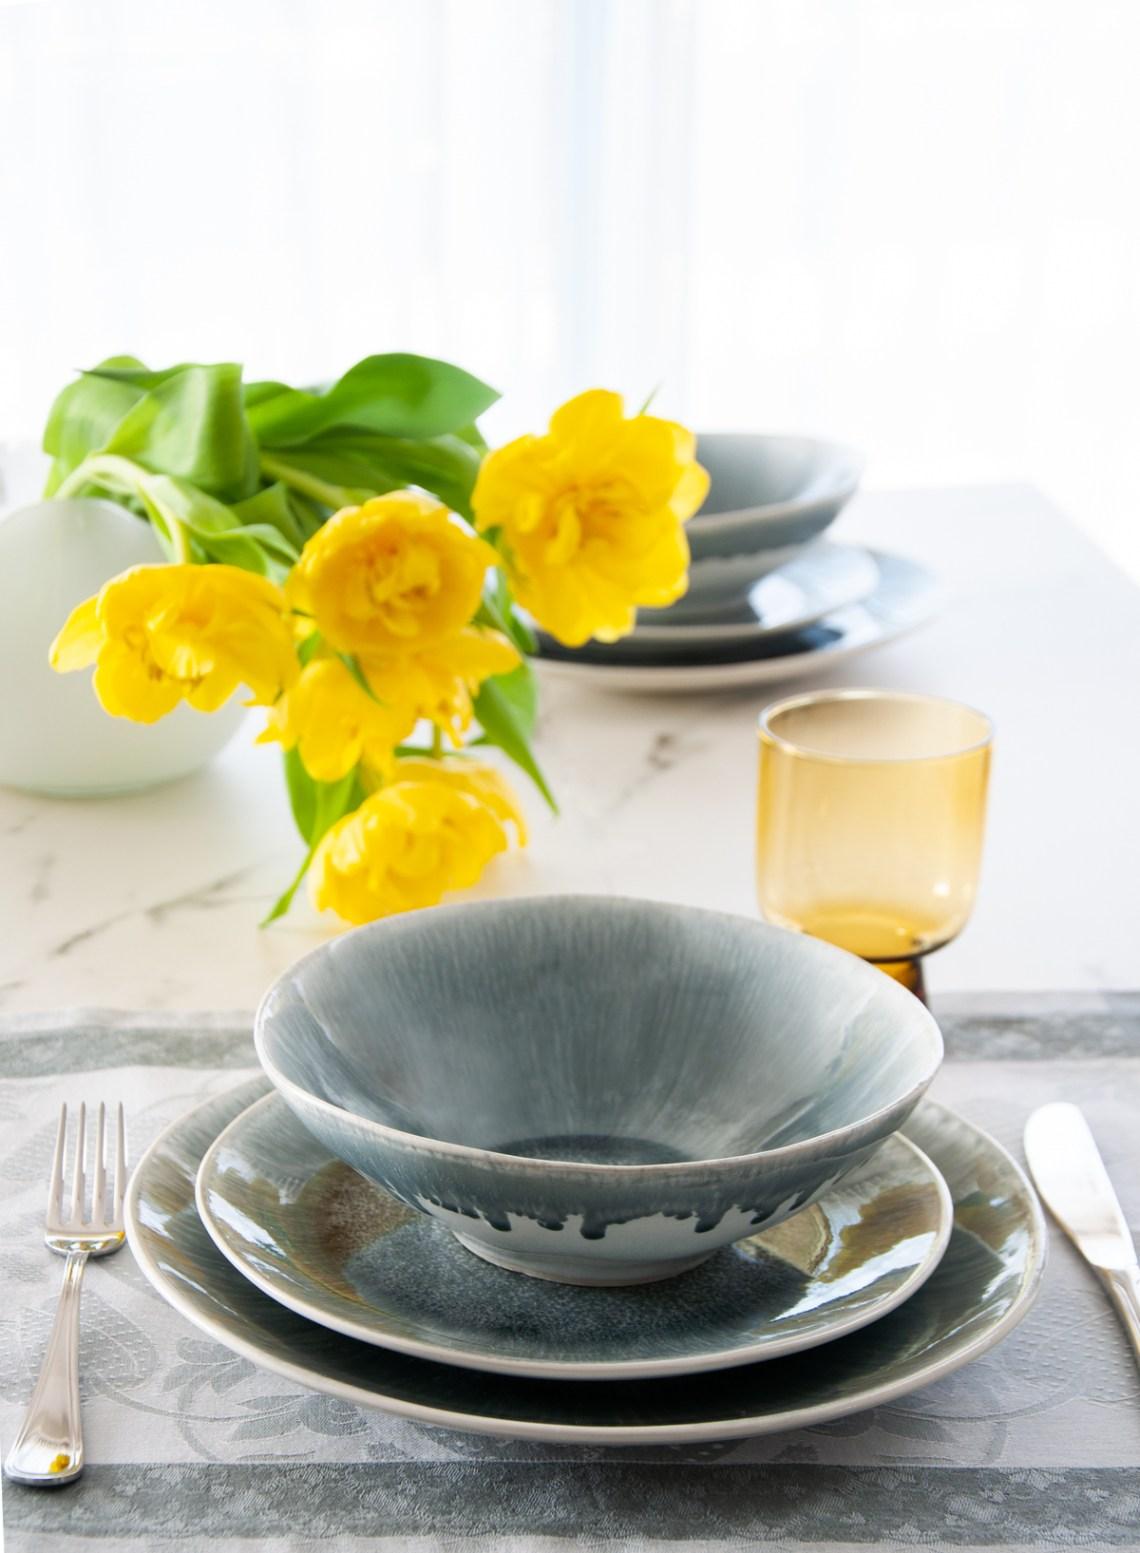 tavola grigio giallo